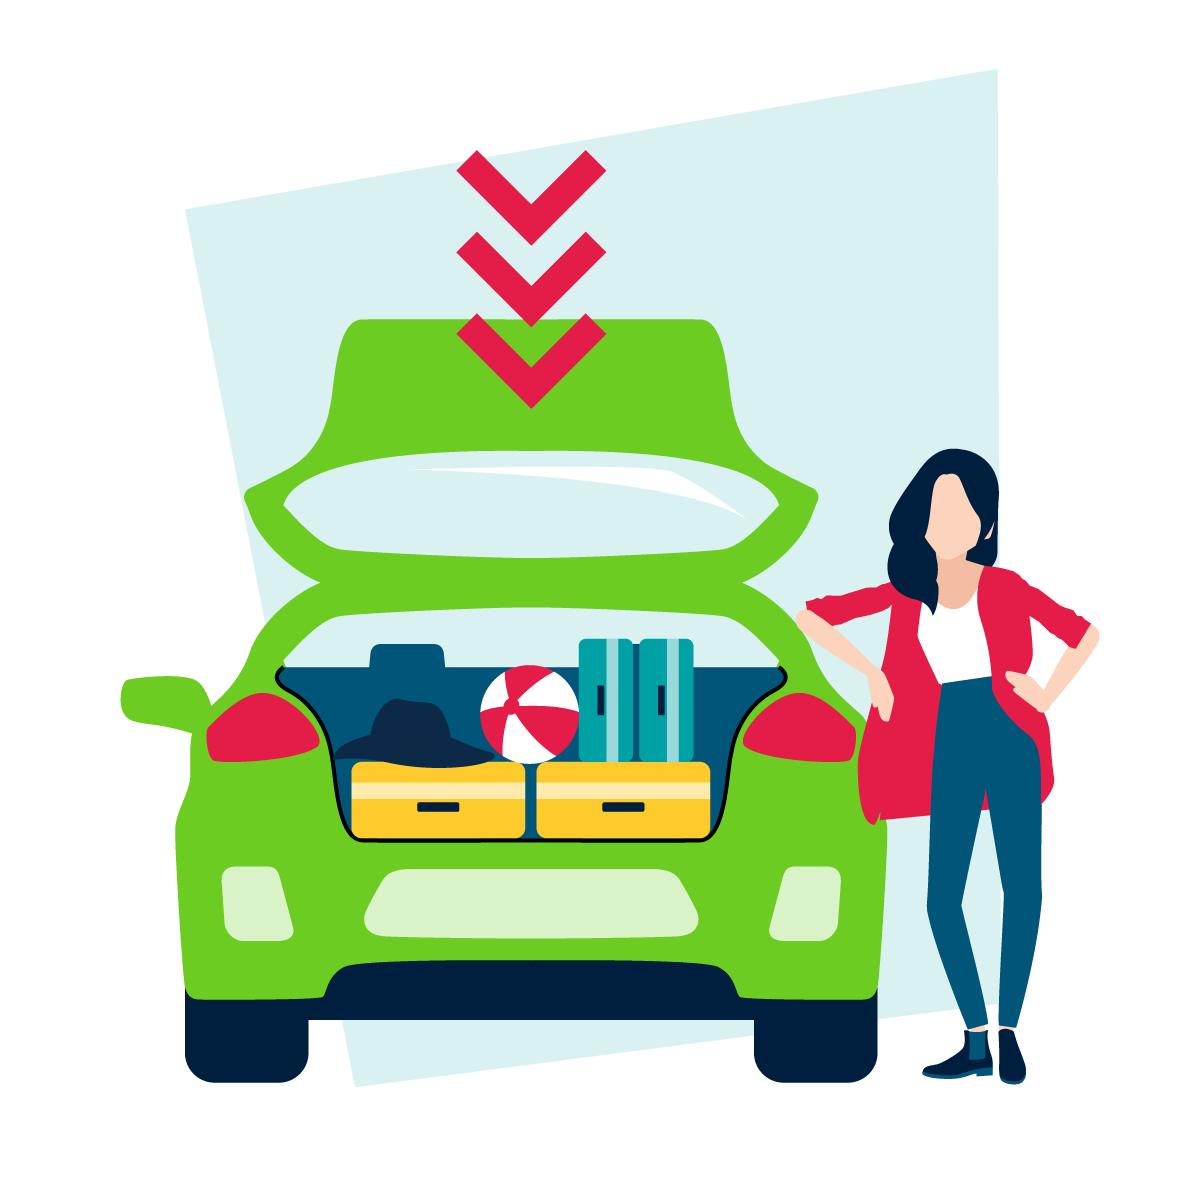 Lang leve de opgeruimde vierwieler! 6 tips om de spullen in je auto op te bergen